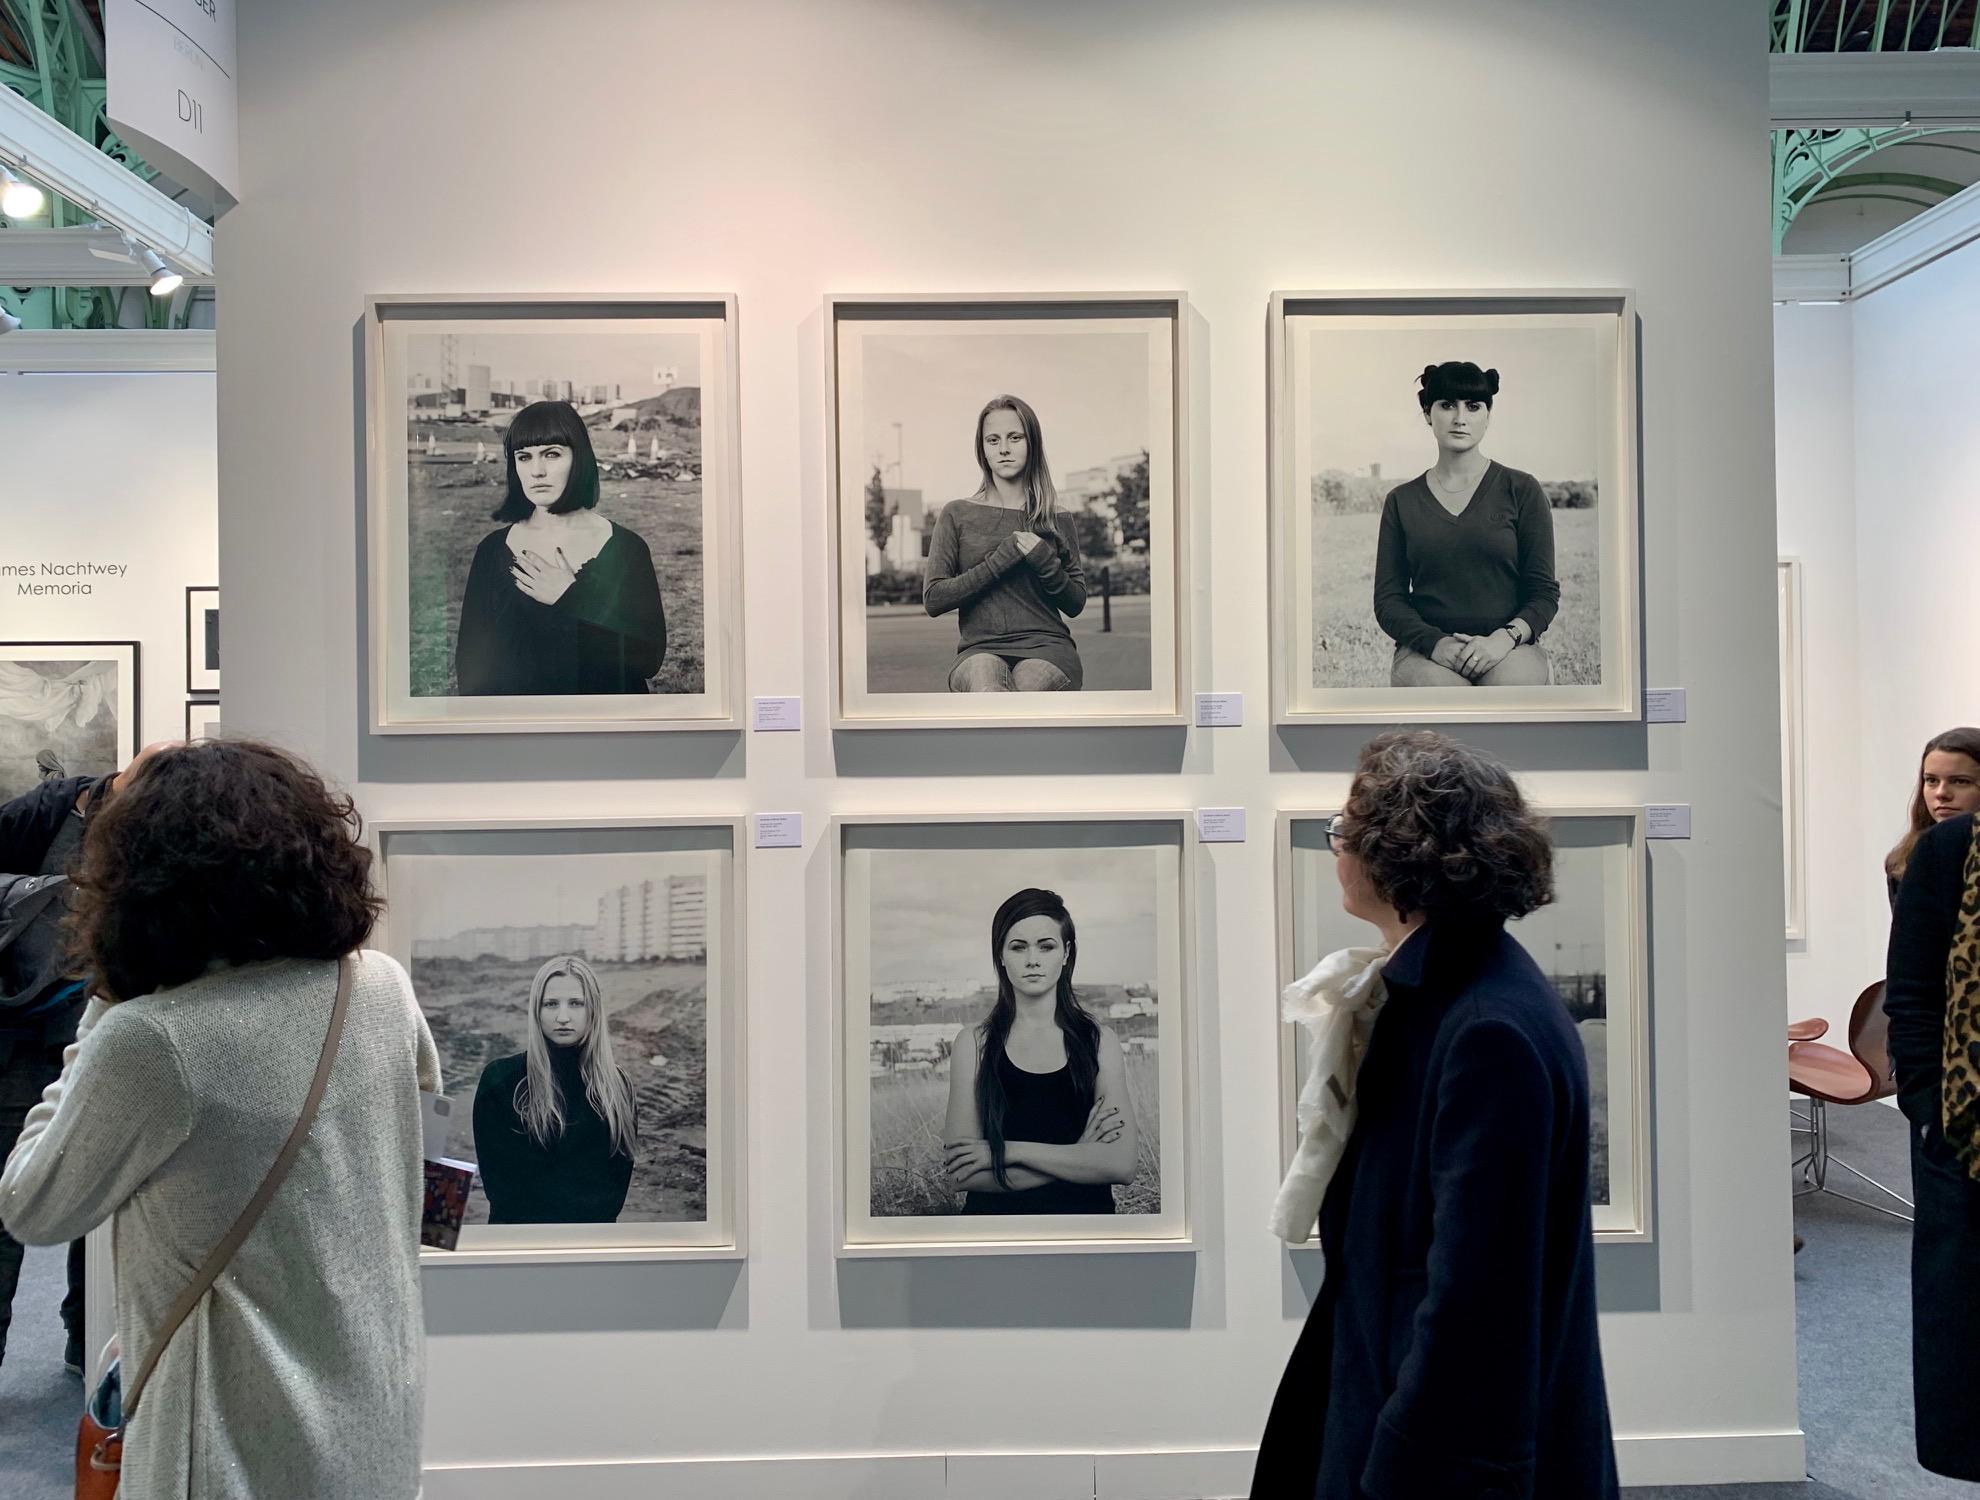 Nagyváros brand - történeti és kortárs fotóművészek városképe Berlin és Budapest, illetve európai nagyvárosok tükrében